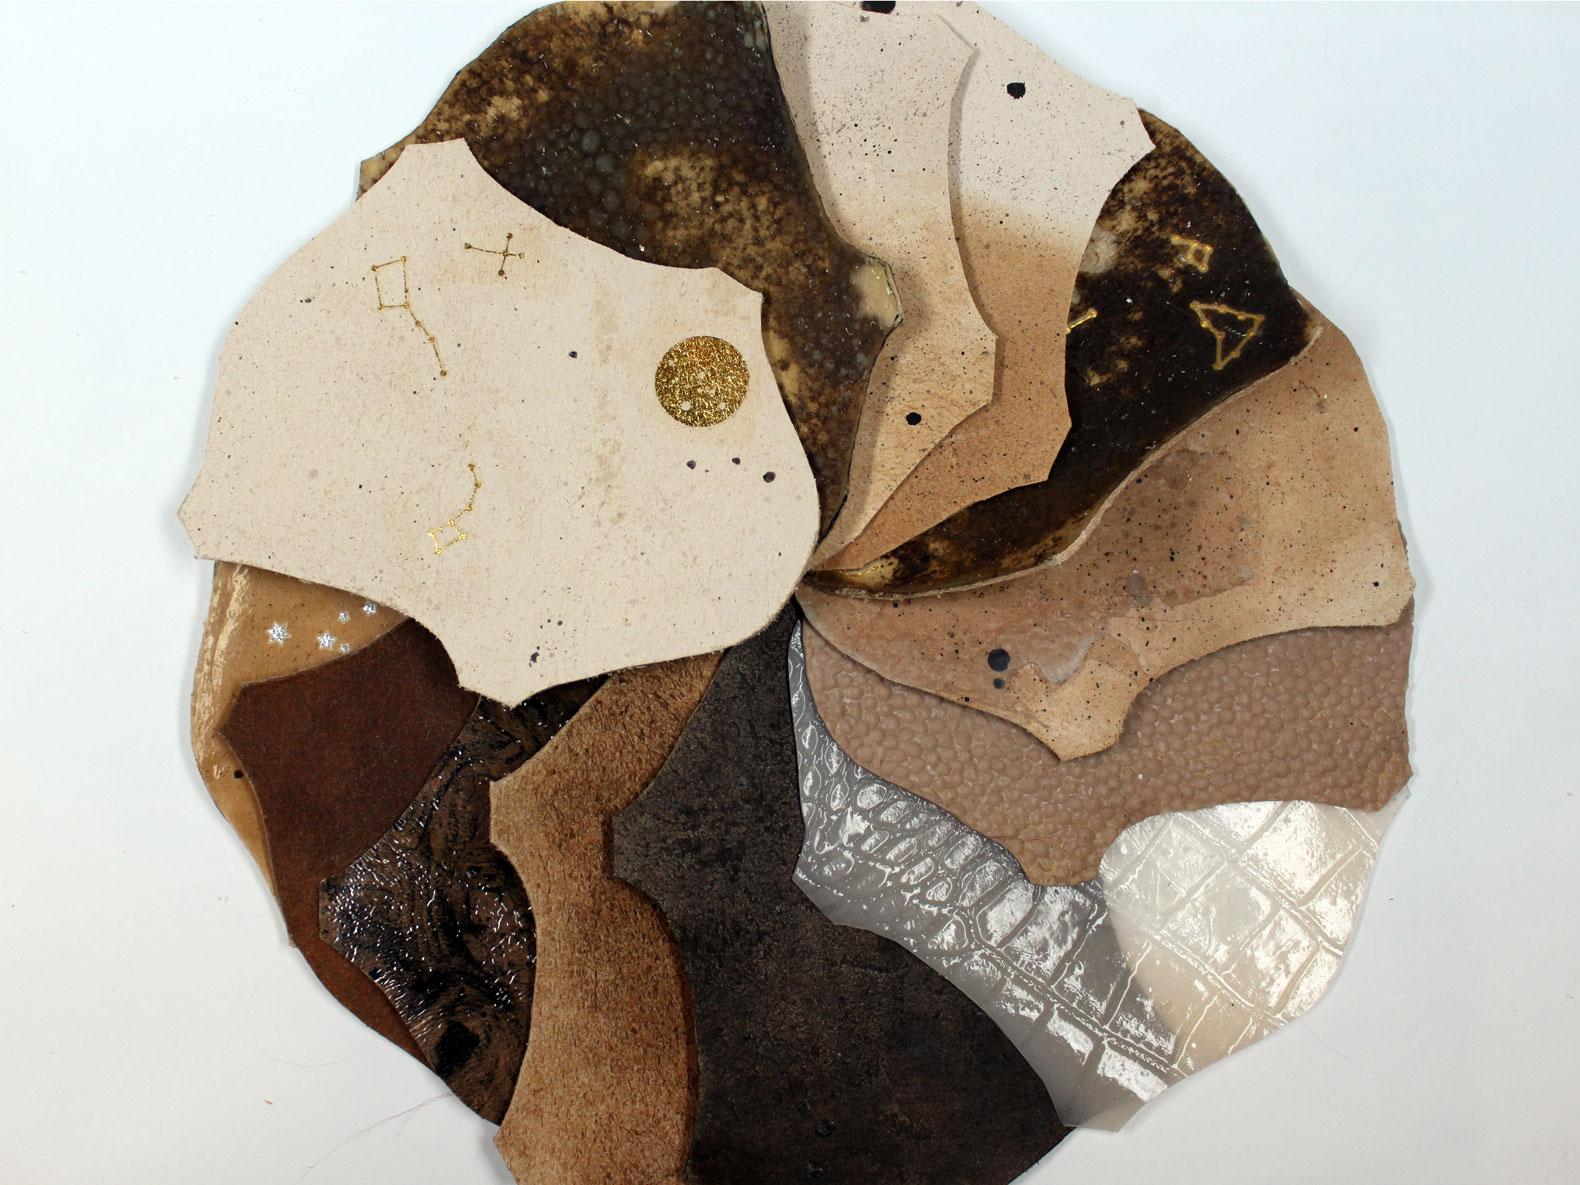 Kawałki materiału, brązowe i jasne